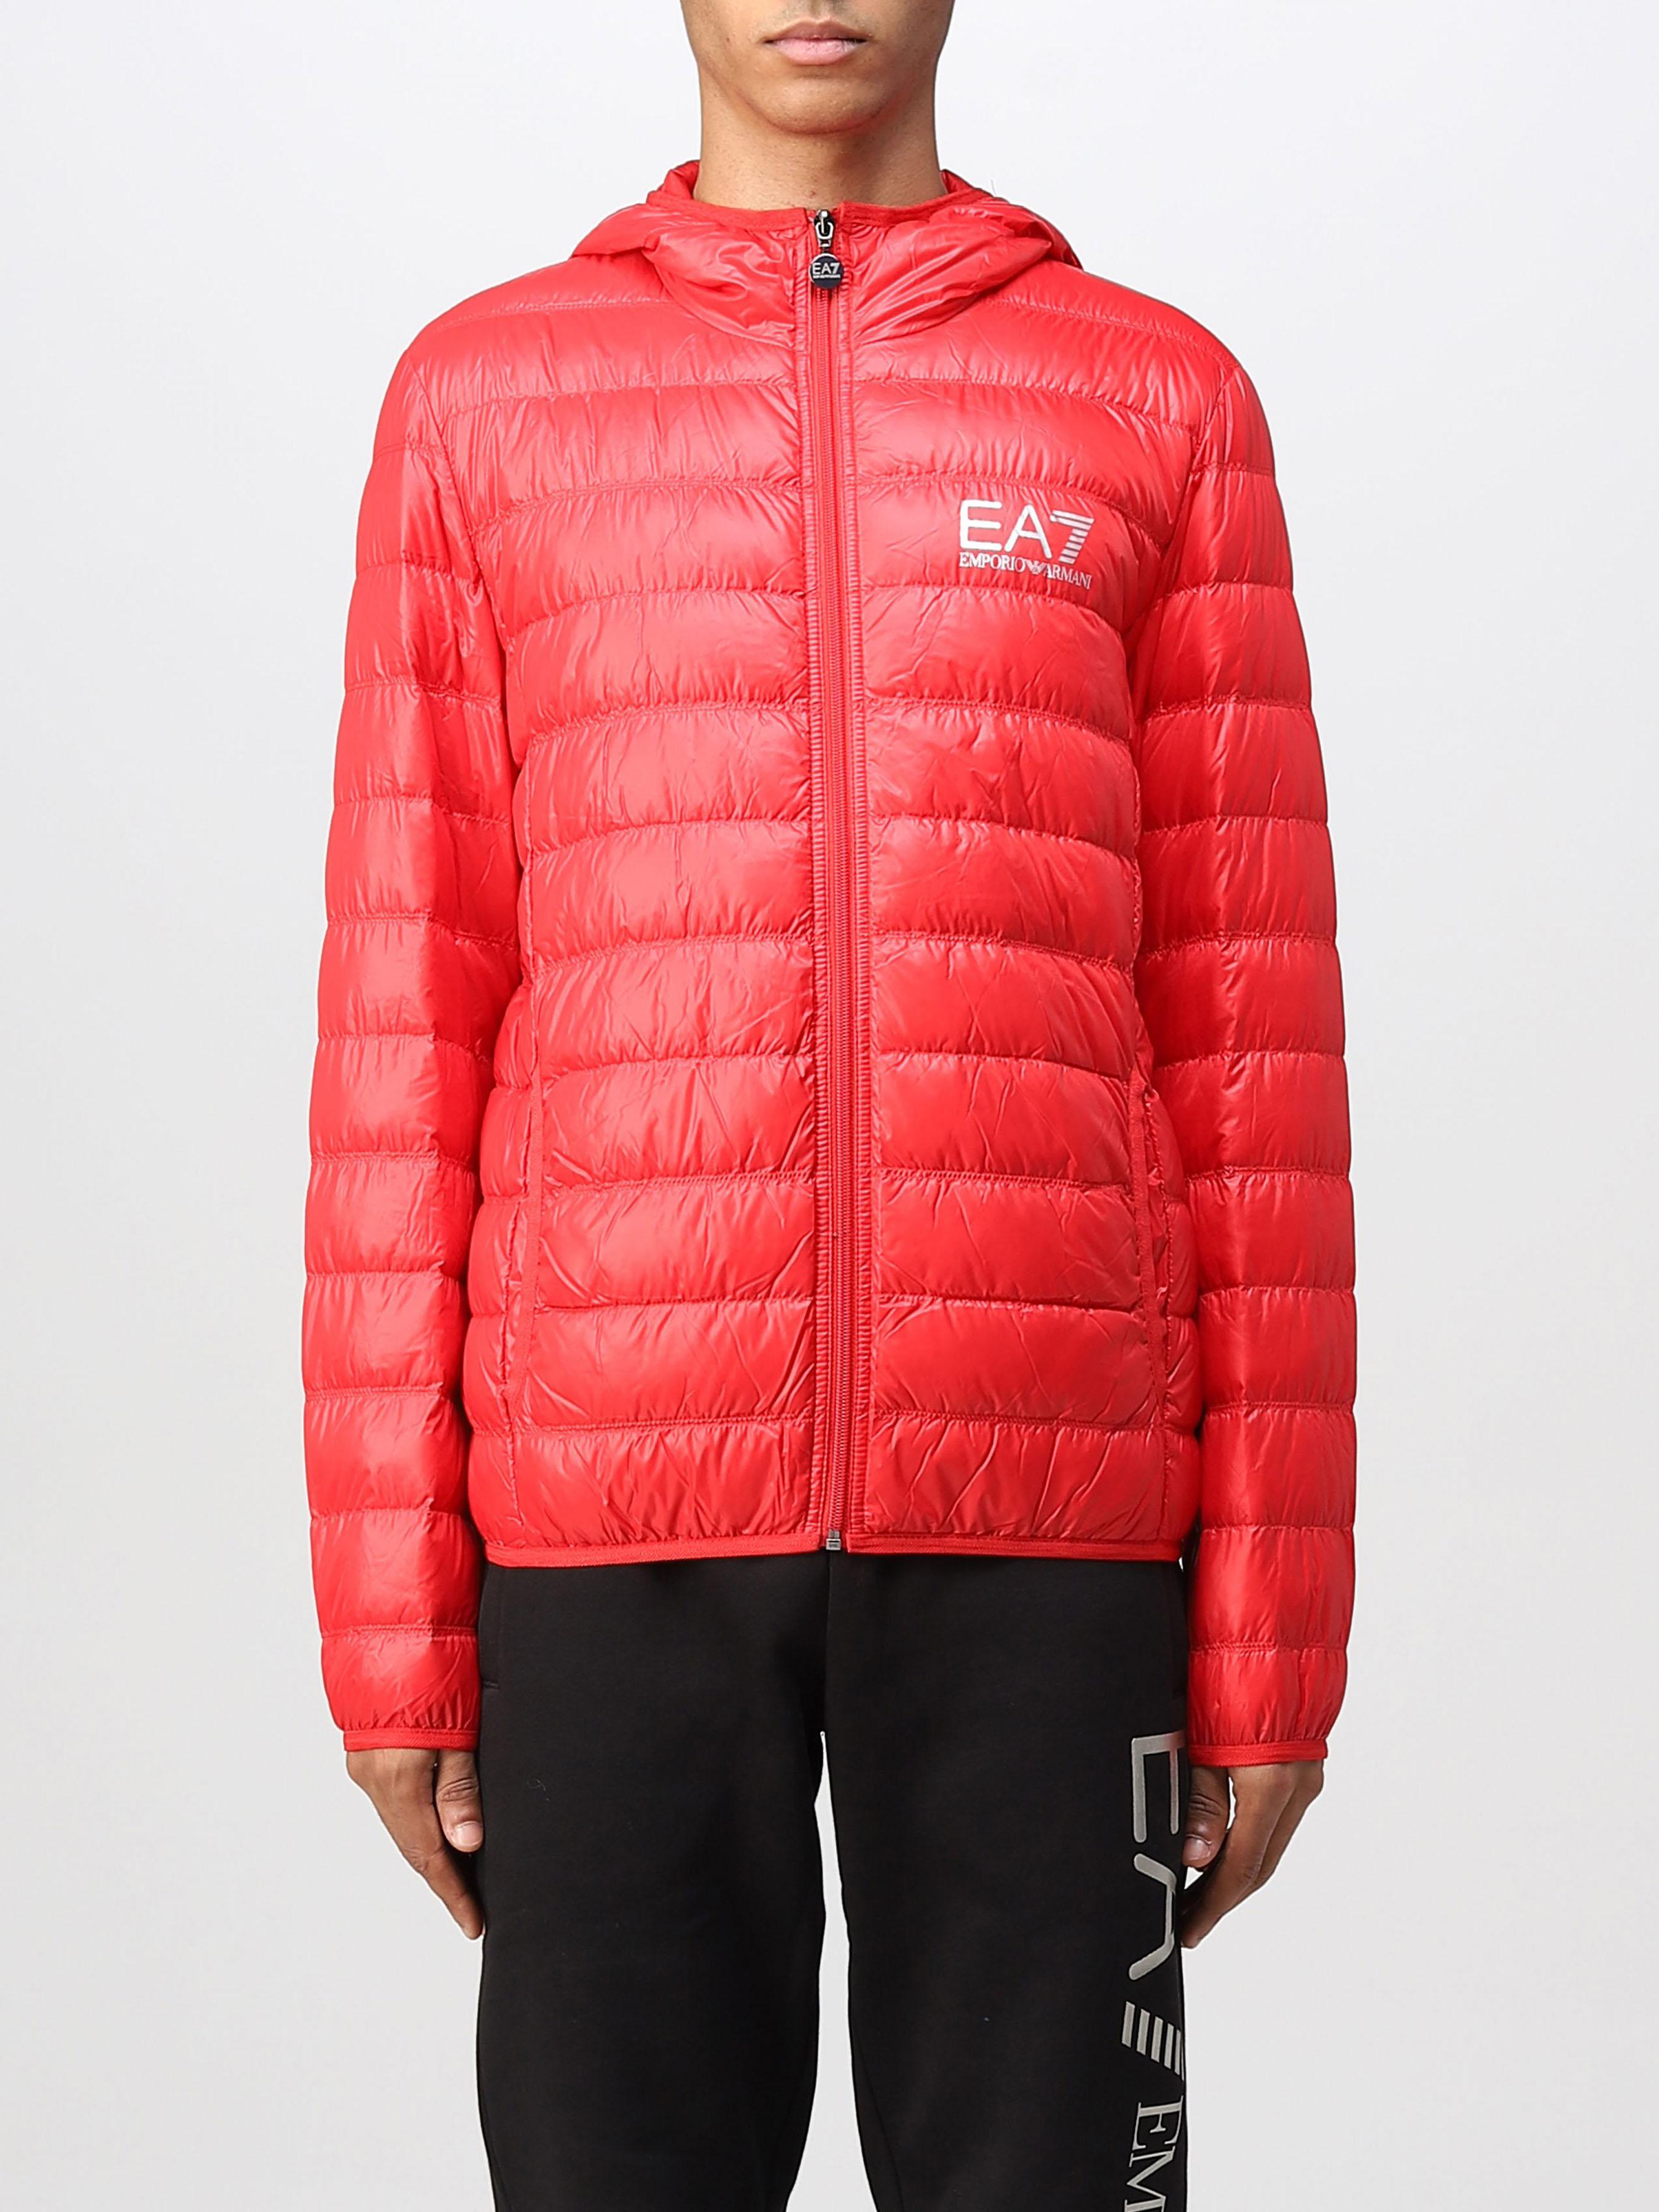 Куртка пуховая мужские EA7 модель 7O14 купить, 2017